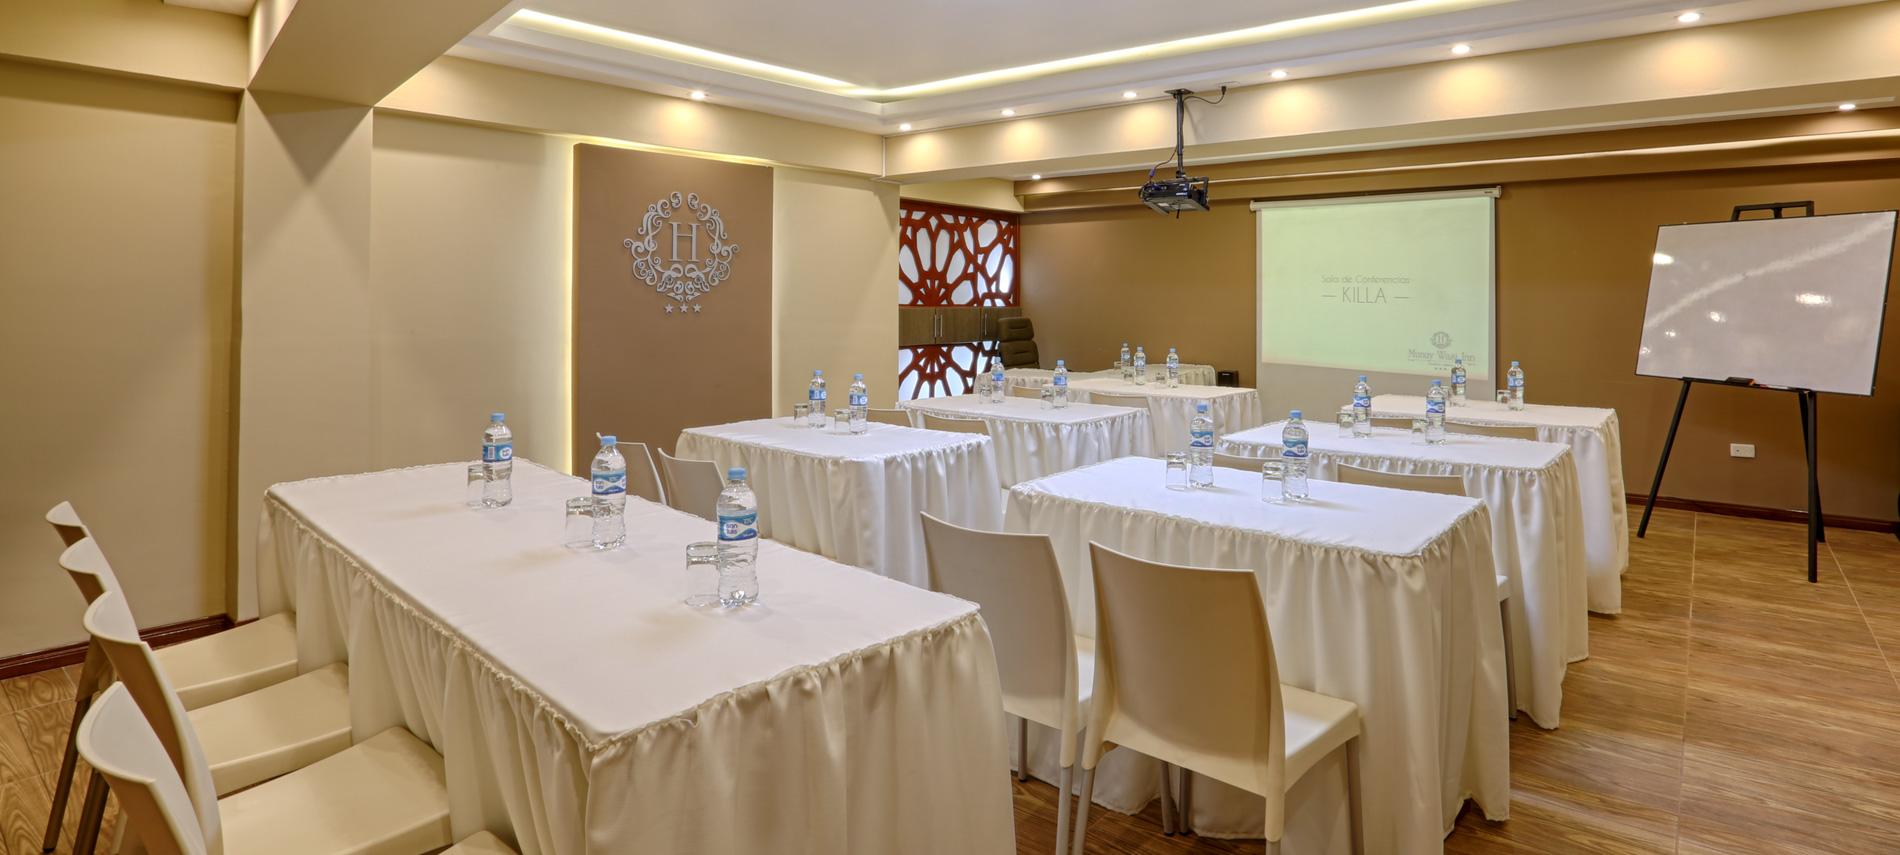 Killa Conference Room